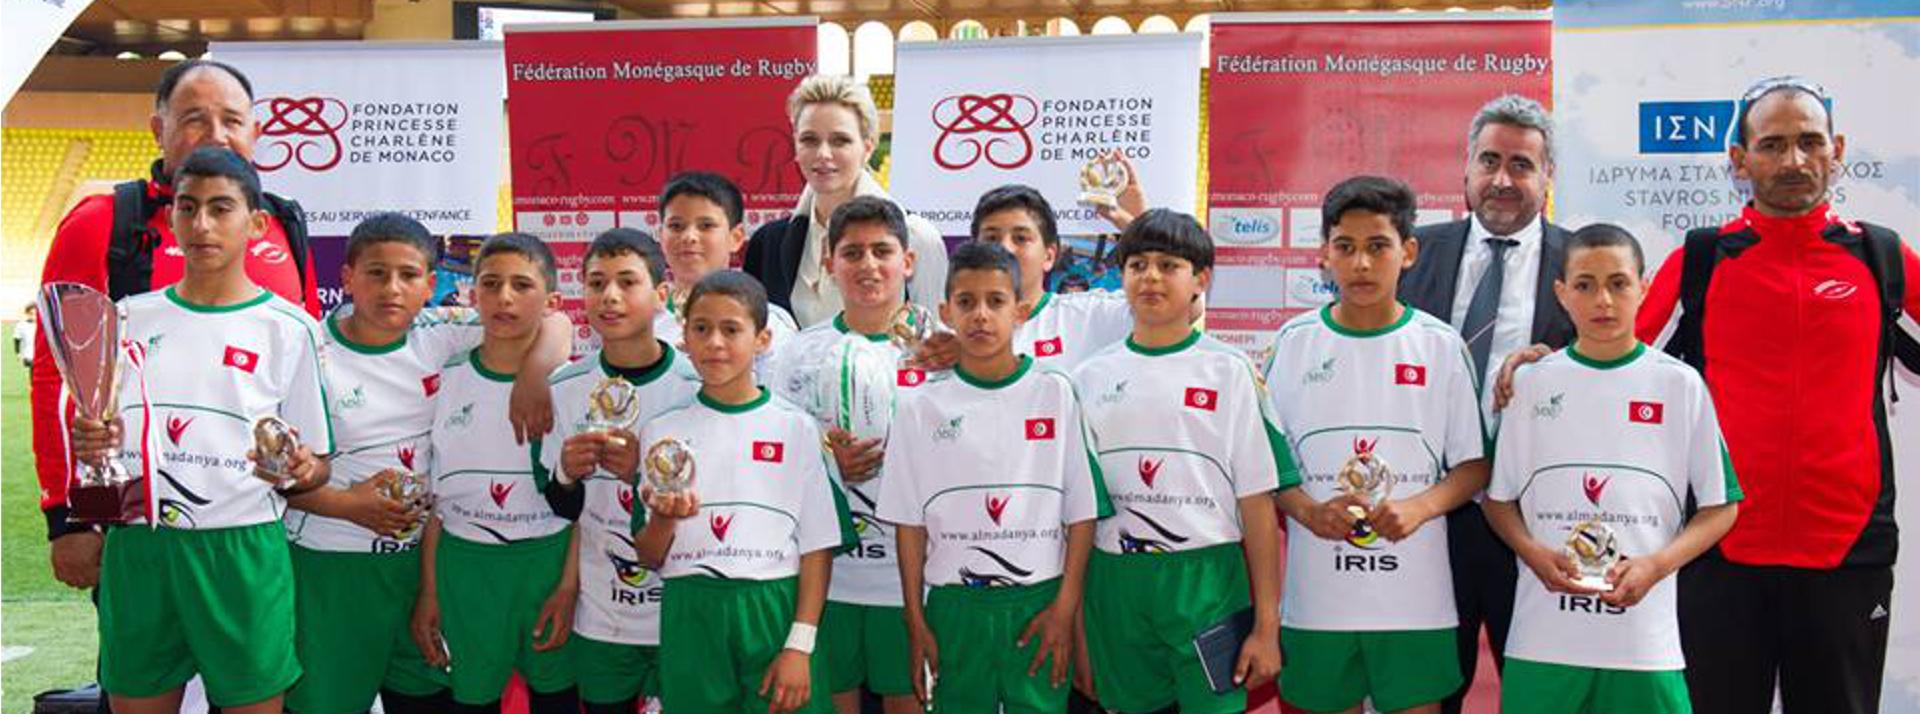 la jeunesse tunisienne.